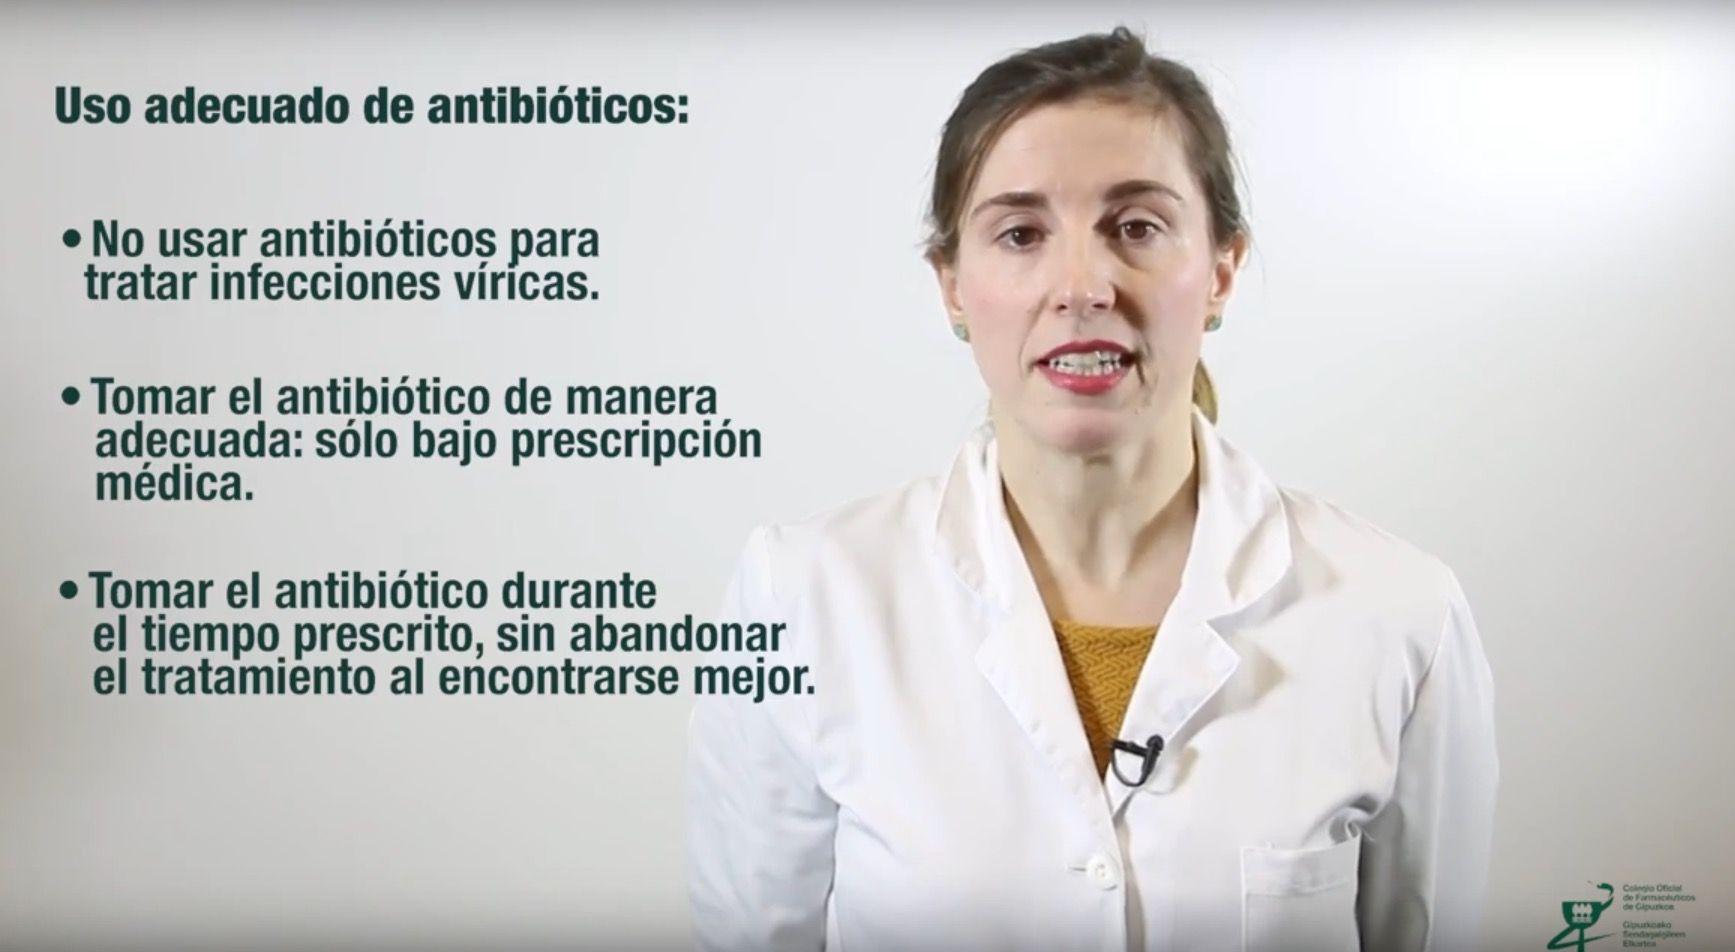 El Colegio de Farmacéuticos de Gipuzkoa recuerda la importancia del uso correcto de los antibióticos,